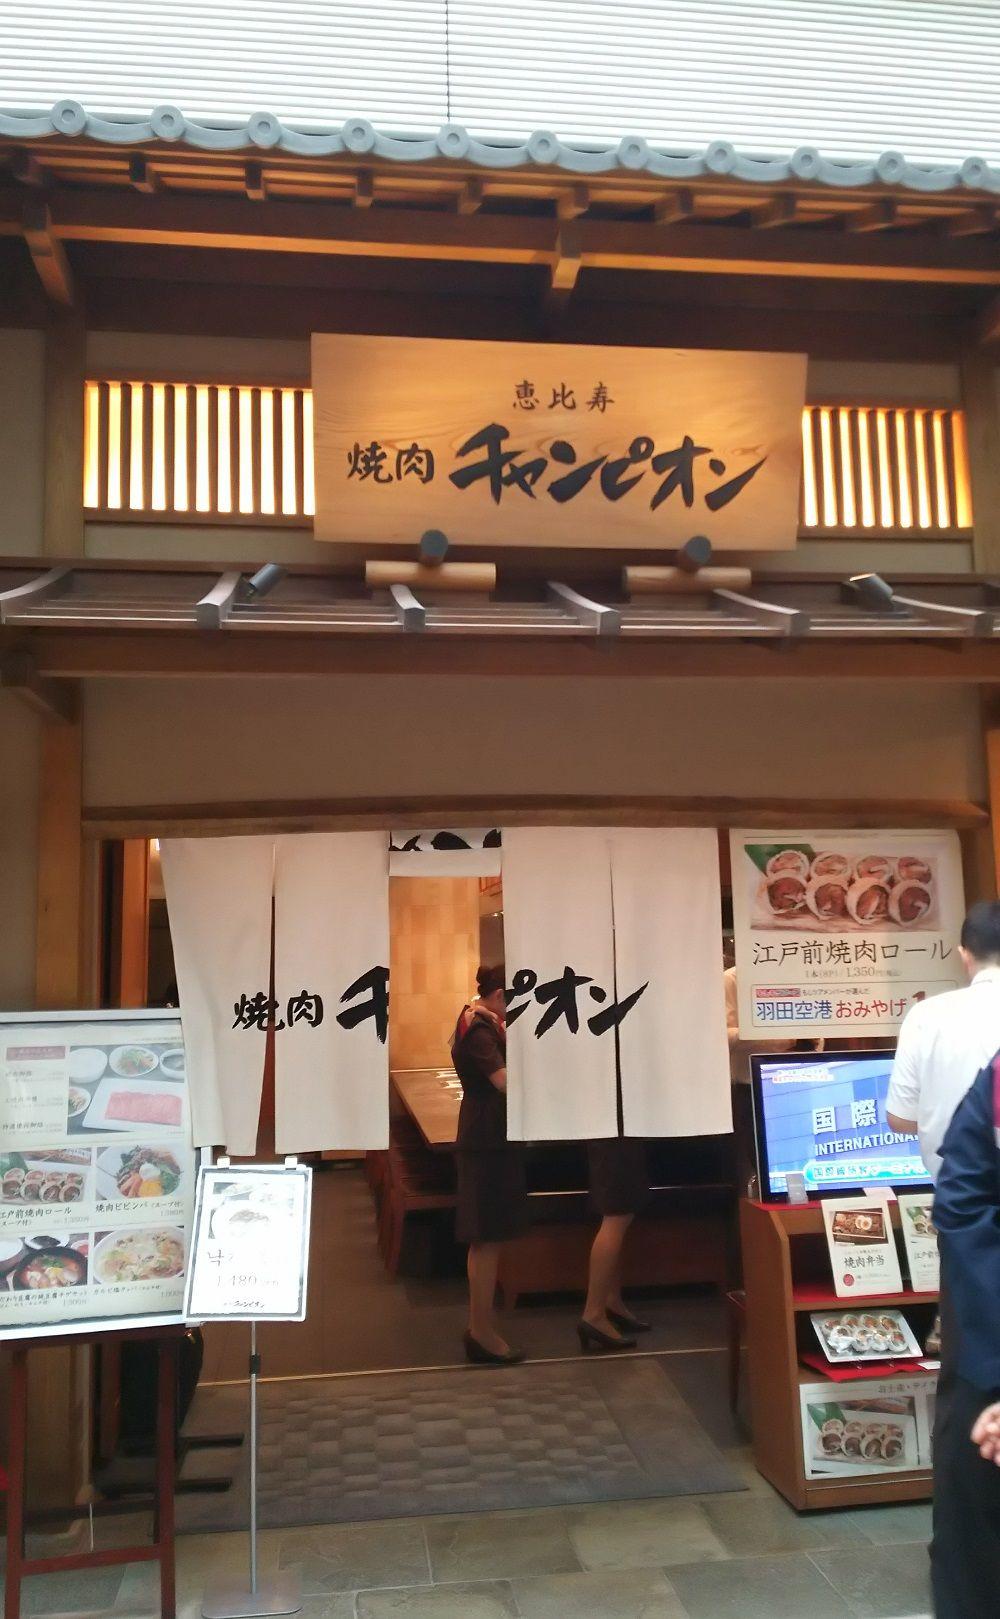 焼肉チャンピオンロールは羽田空港の名物!「焼肉チャンピオン」